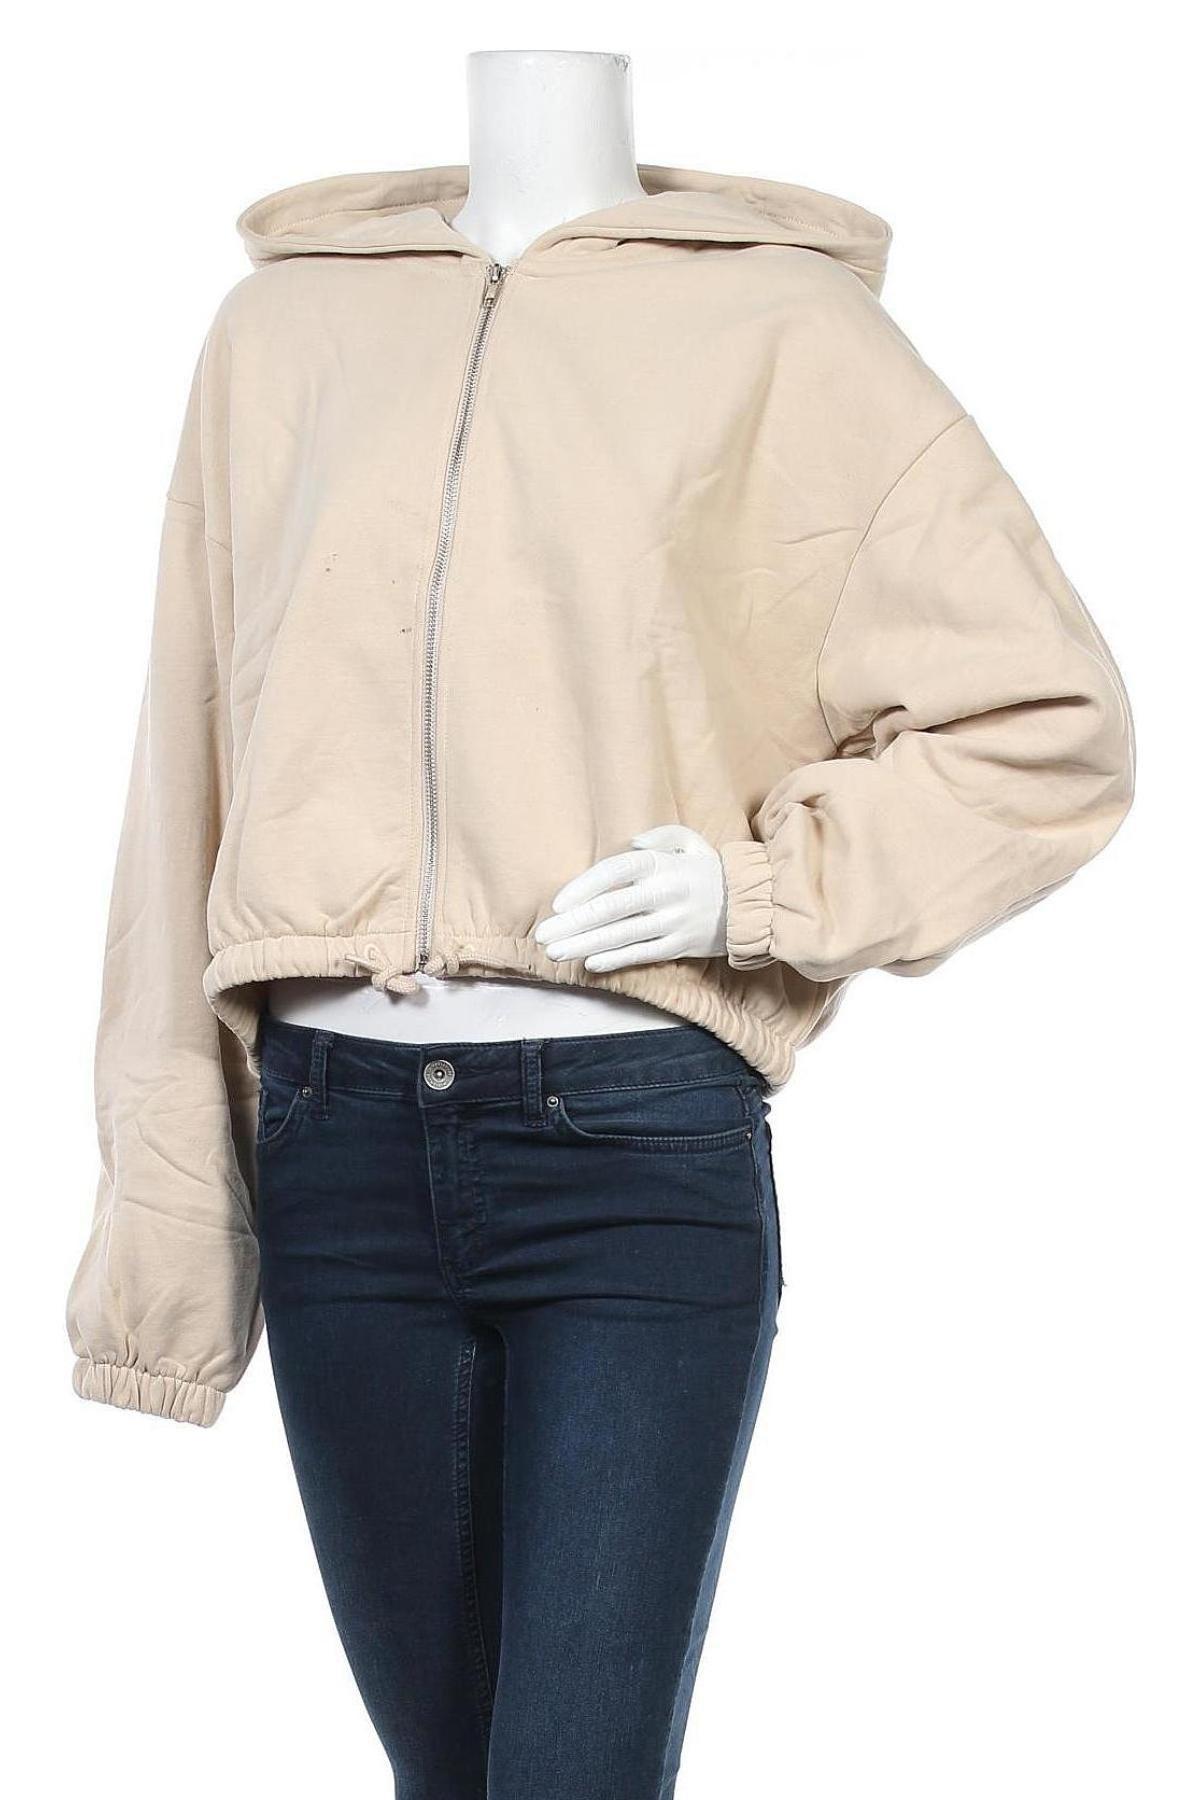 Γυναικείο φούτερ Weekday, Μέγεθος L, Χρώμα  Μπέζ, Βαμβάκι, Τιμή 16,01€